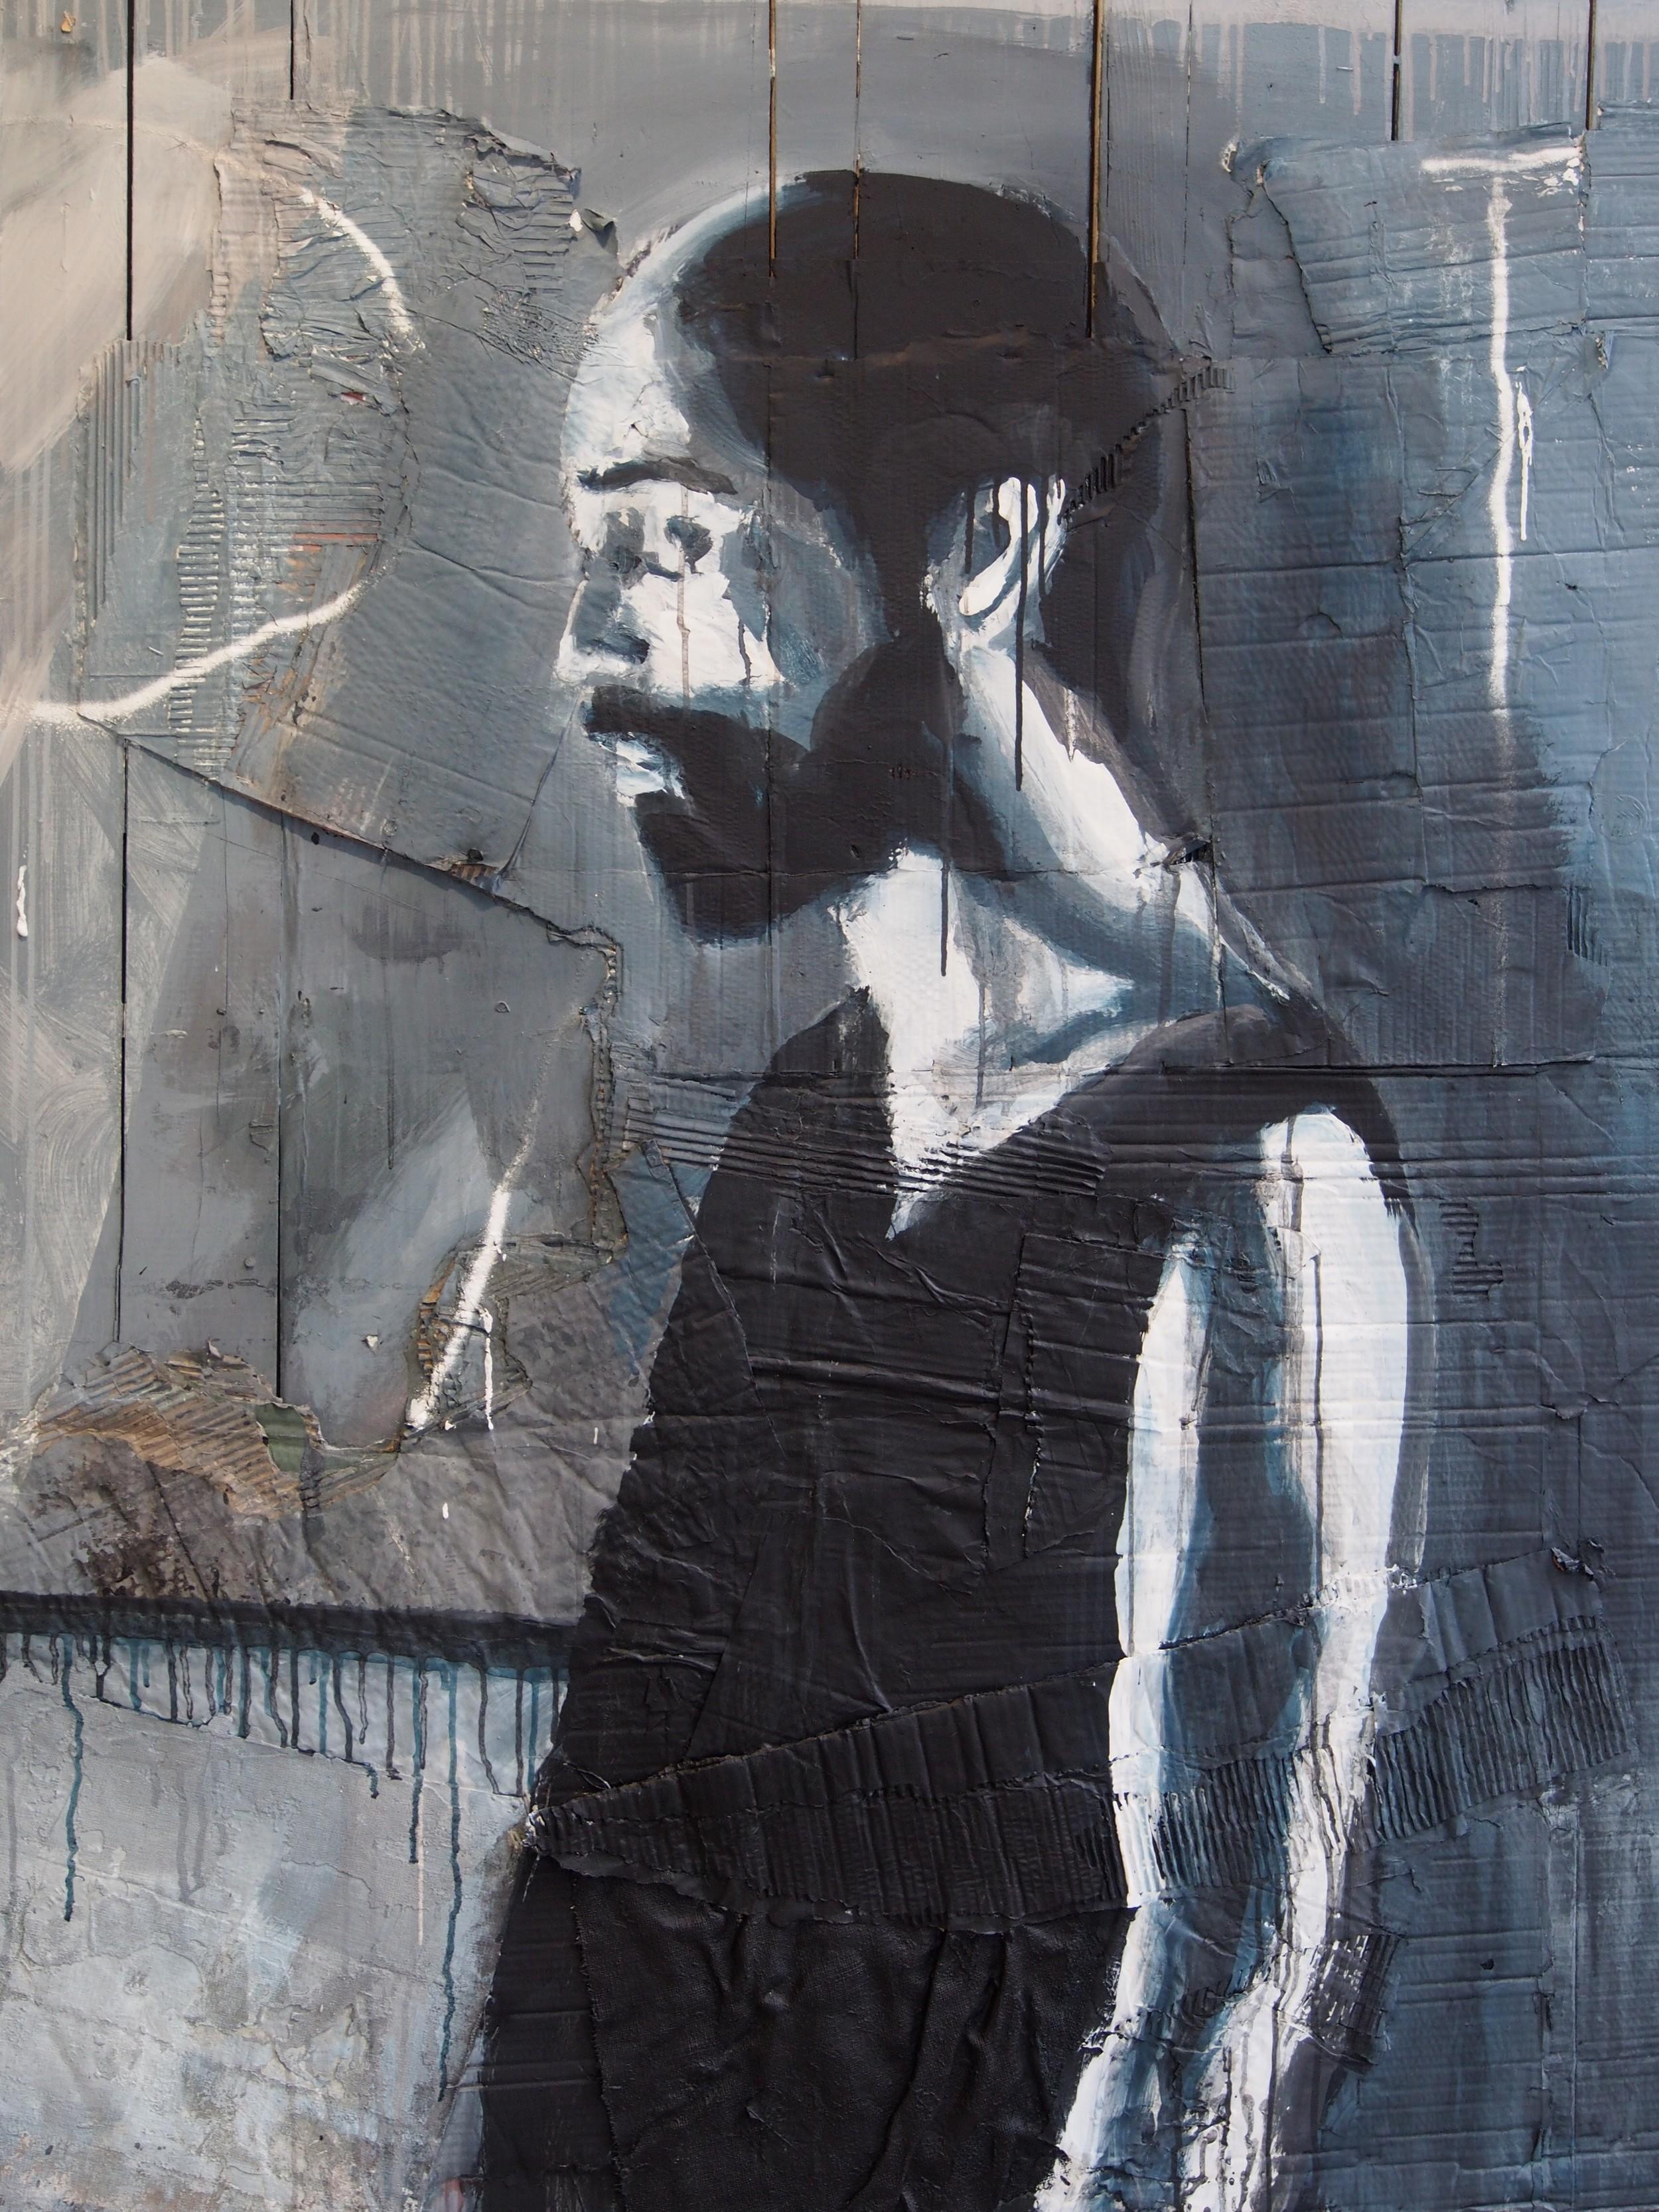 Painting by Aldo van den Broek